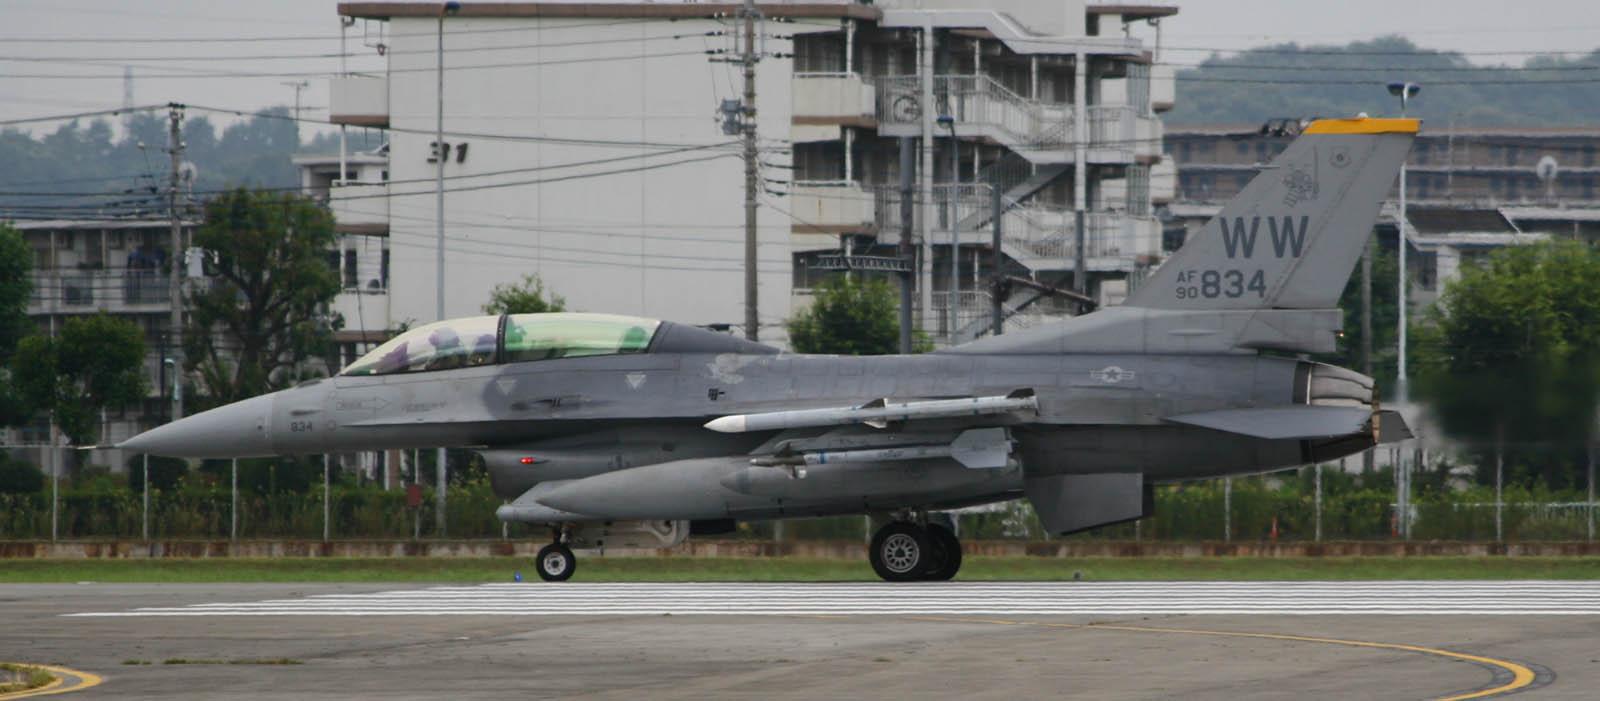 F16dj120721g909